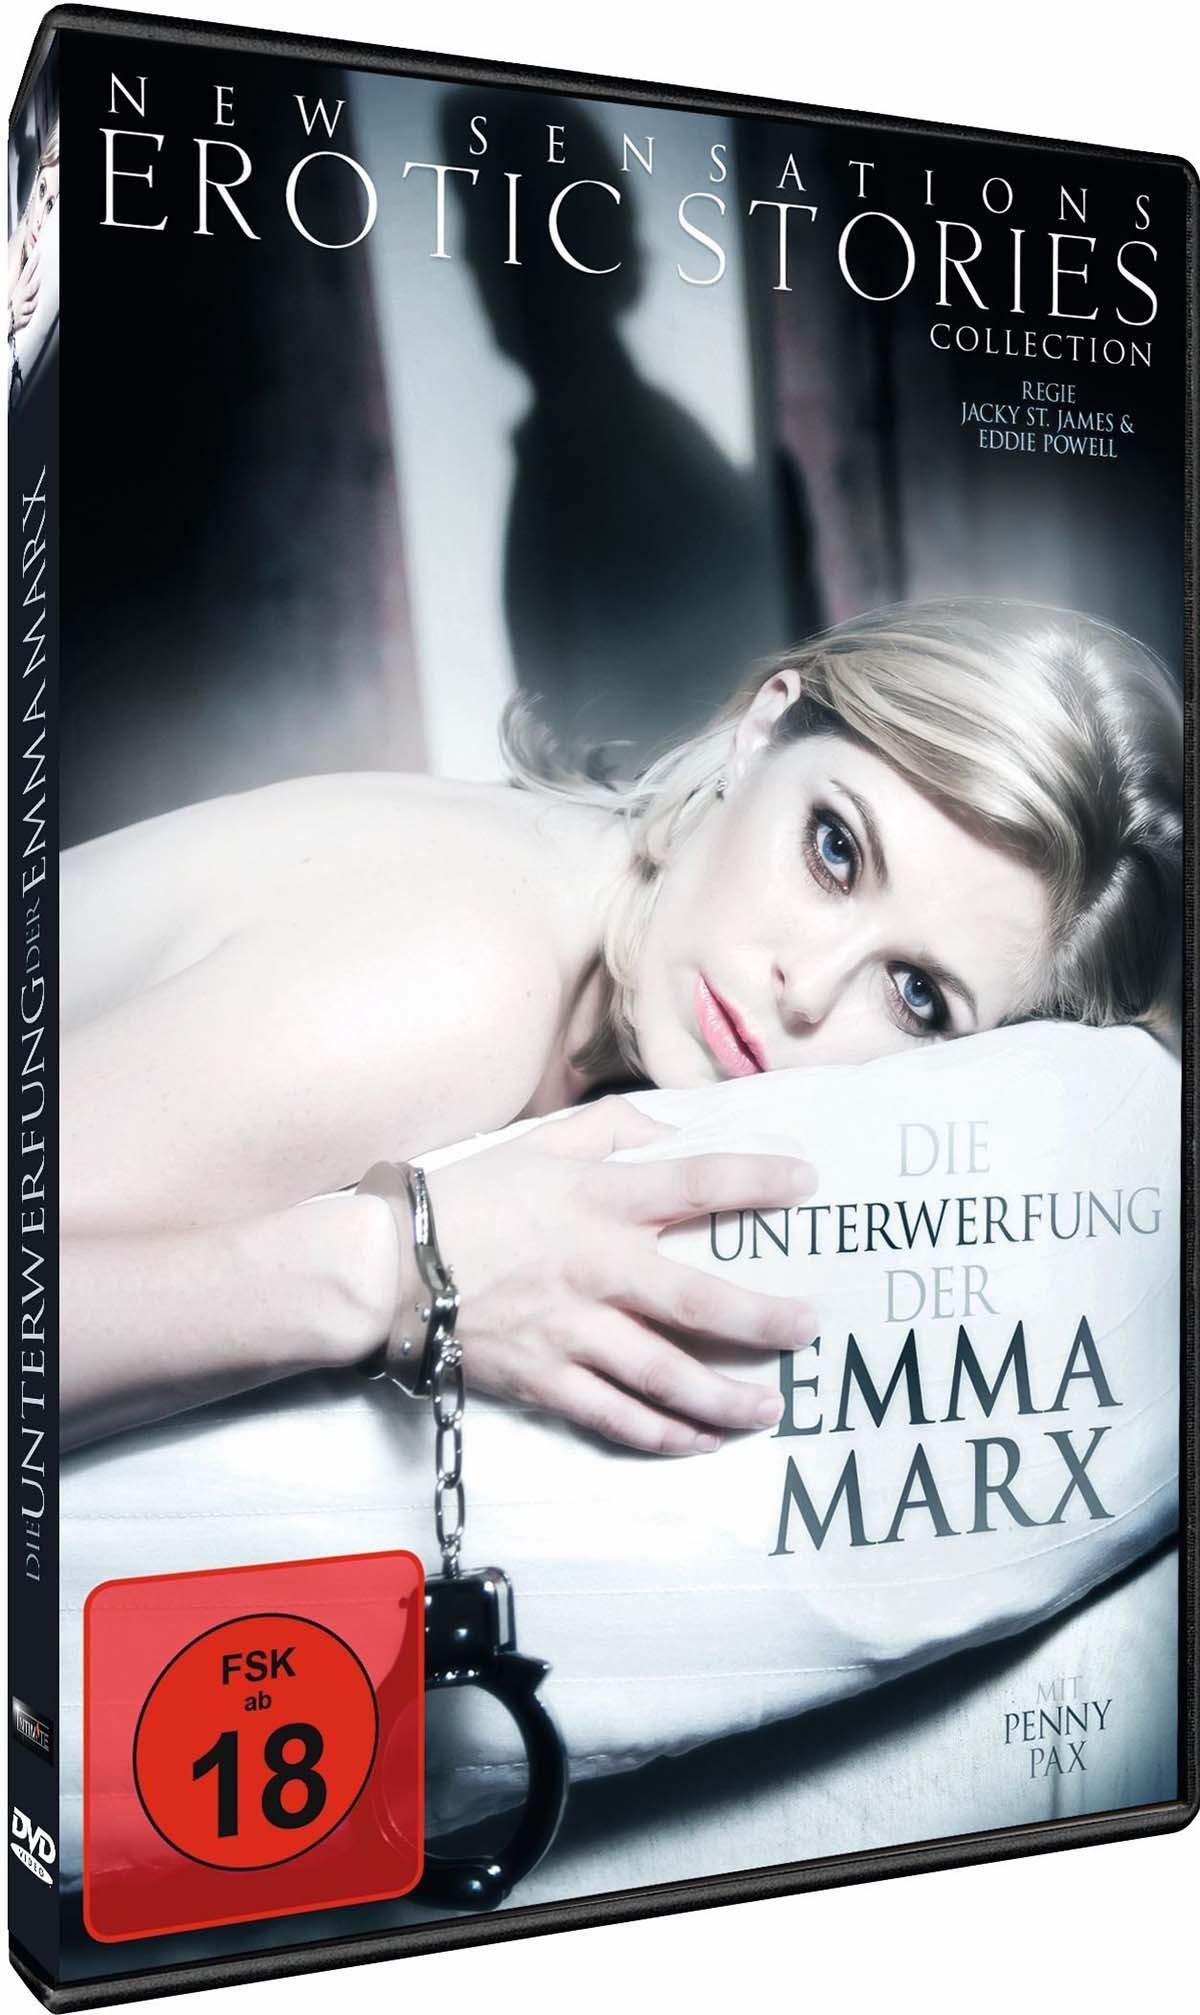 艾玛·马克思的服从